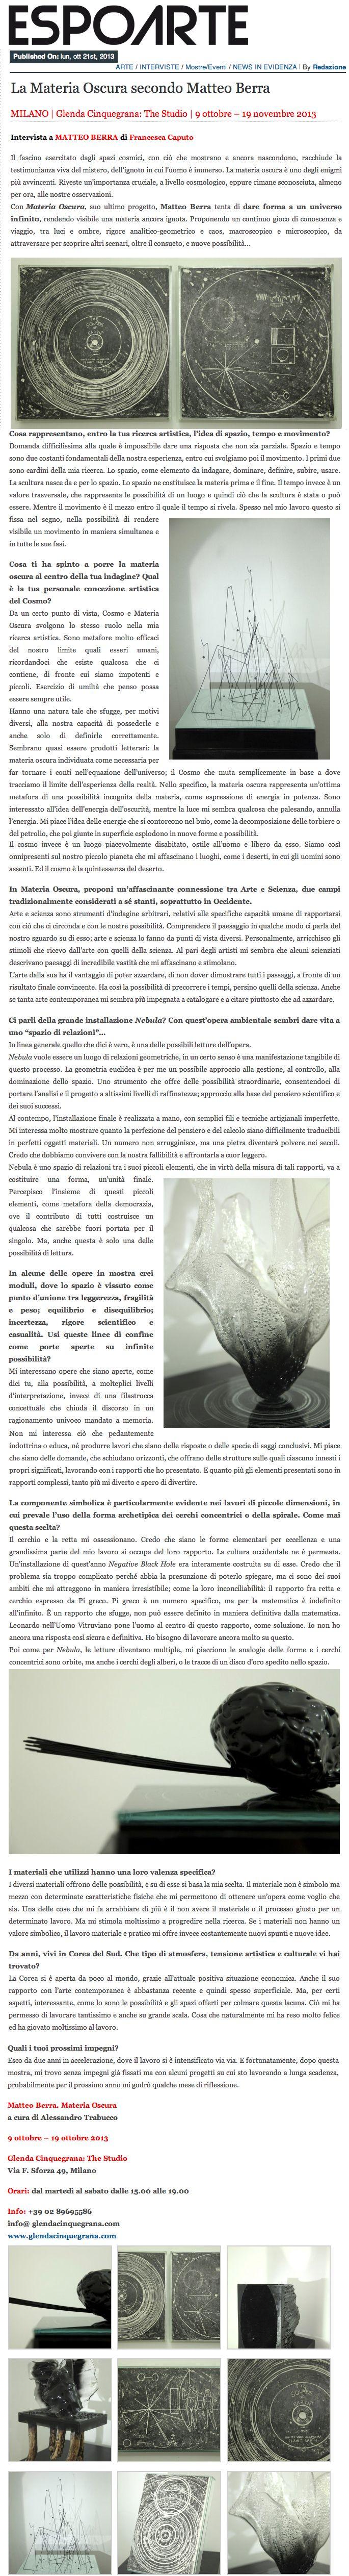 I temi fondamentali della mostra personale di Matteo Berra nell'intervista di Francesca Caputo per Espoarte.